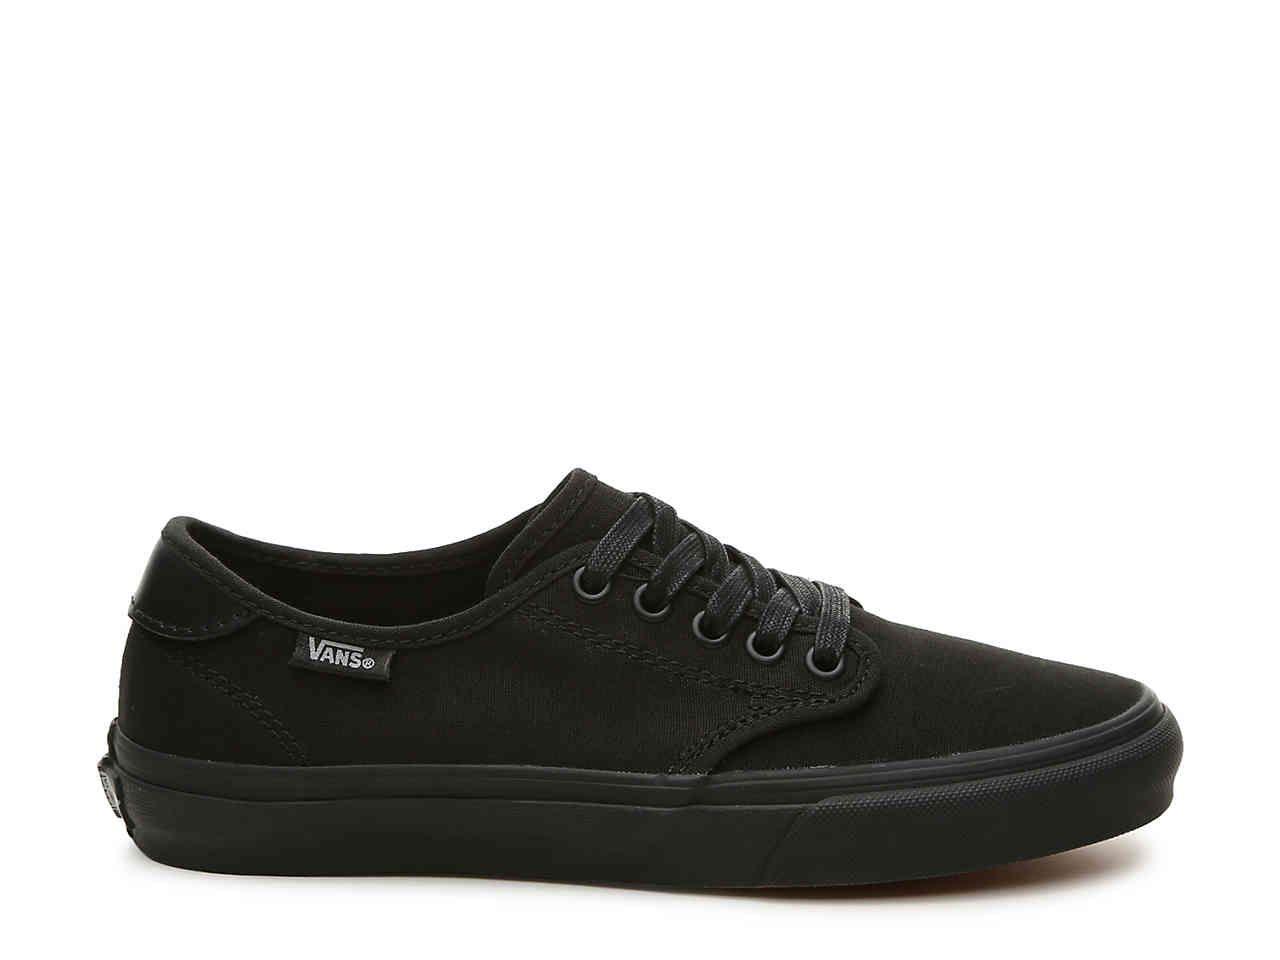 1854b7b29806d1 Vans Camden Deluxe Mono Sneaker - Women s Women s Shoes